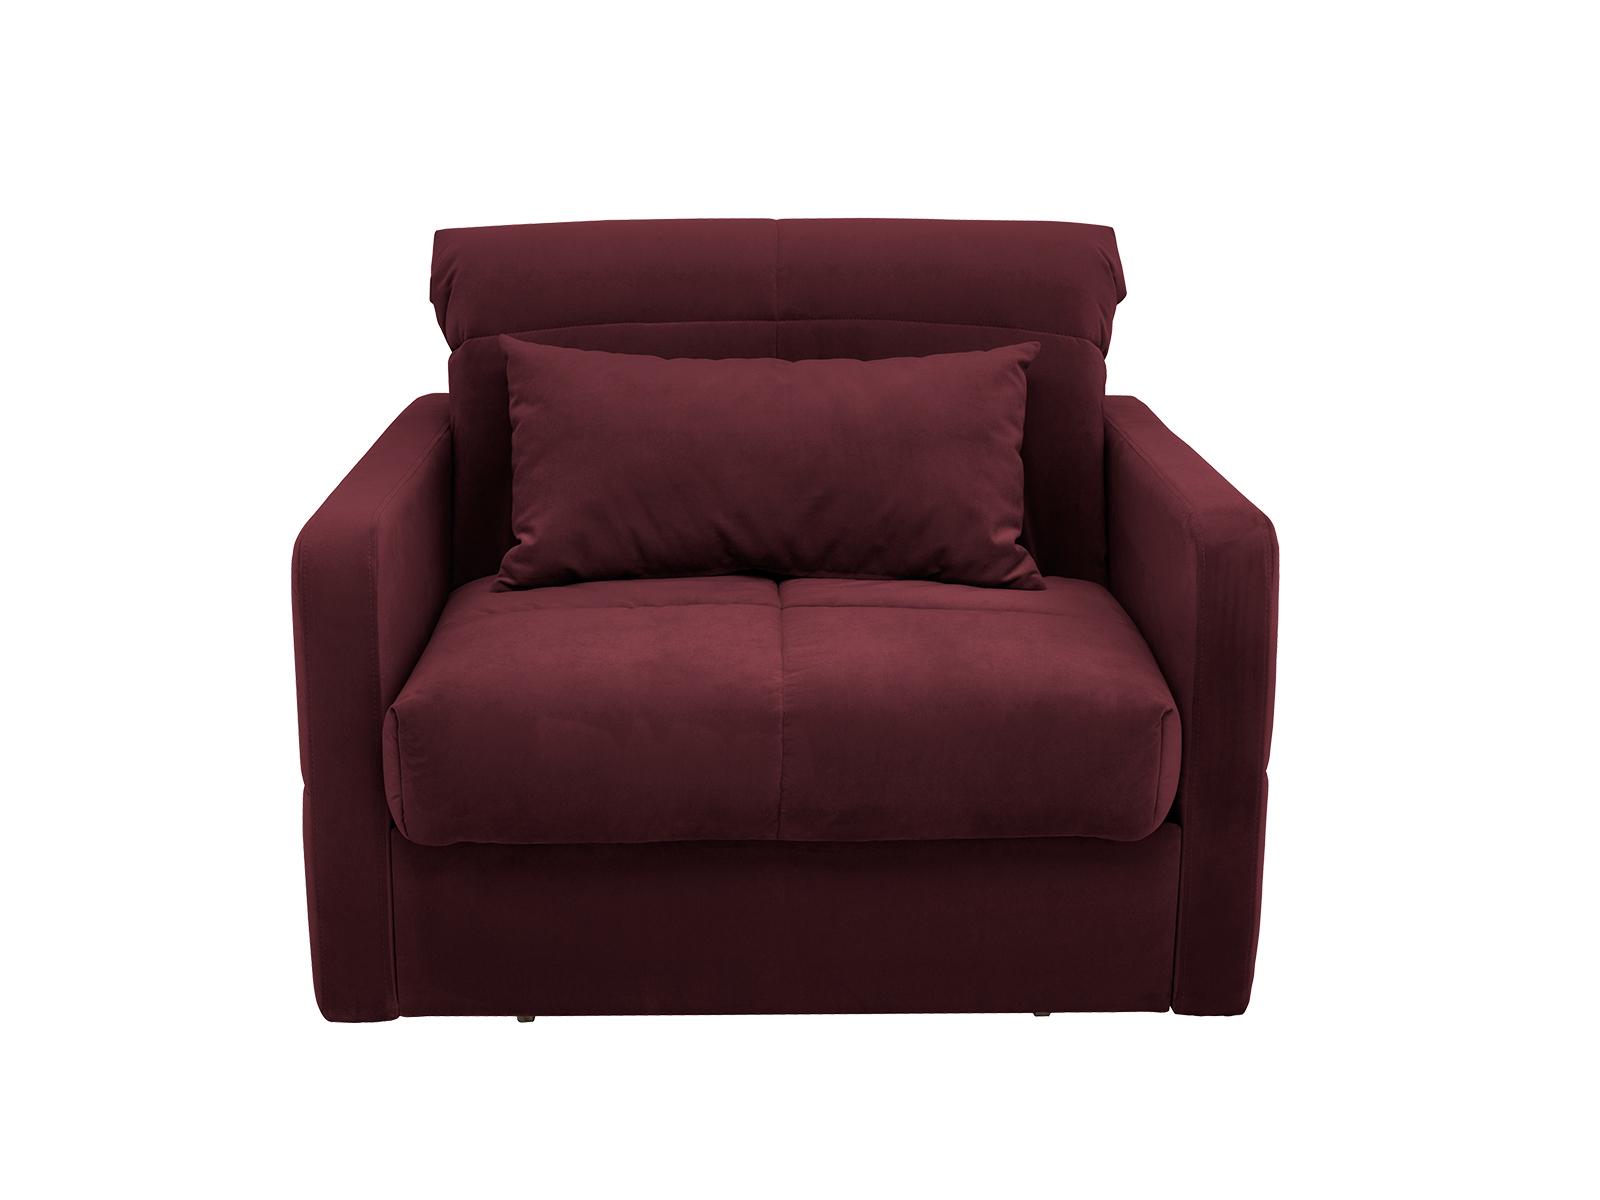 Кресло-кровать DNV&KAN 15433834 от thefurnish